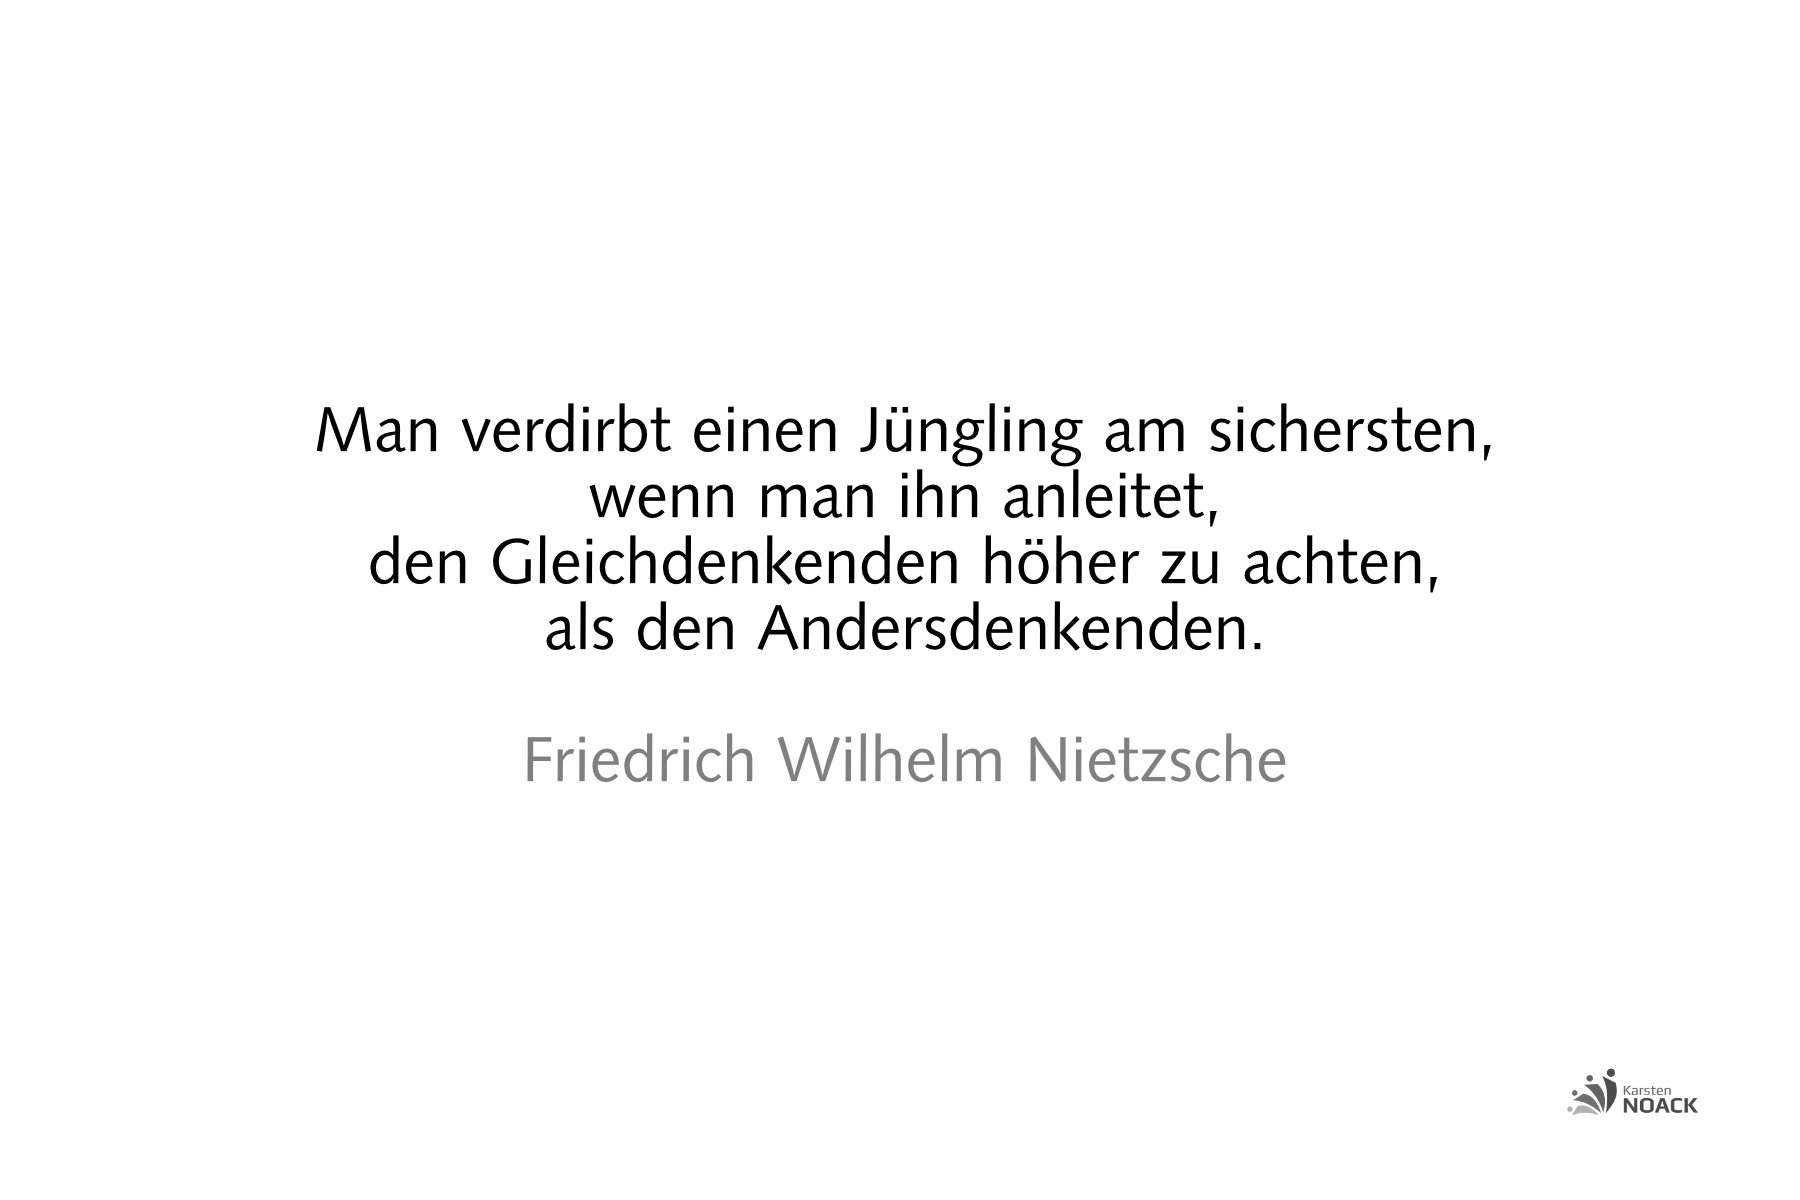 Man verdirbt einen Jüngling am sichersten, wenn man ihn anleitet, den Gleichdenkenden höher zu achten, als den Andersdenkenden. Friedrich Wilhelm Nietzsche